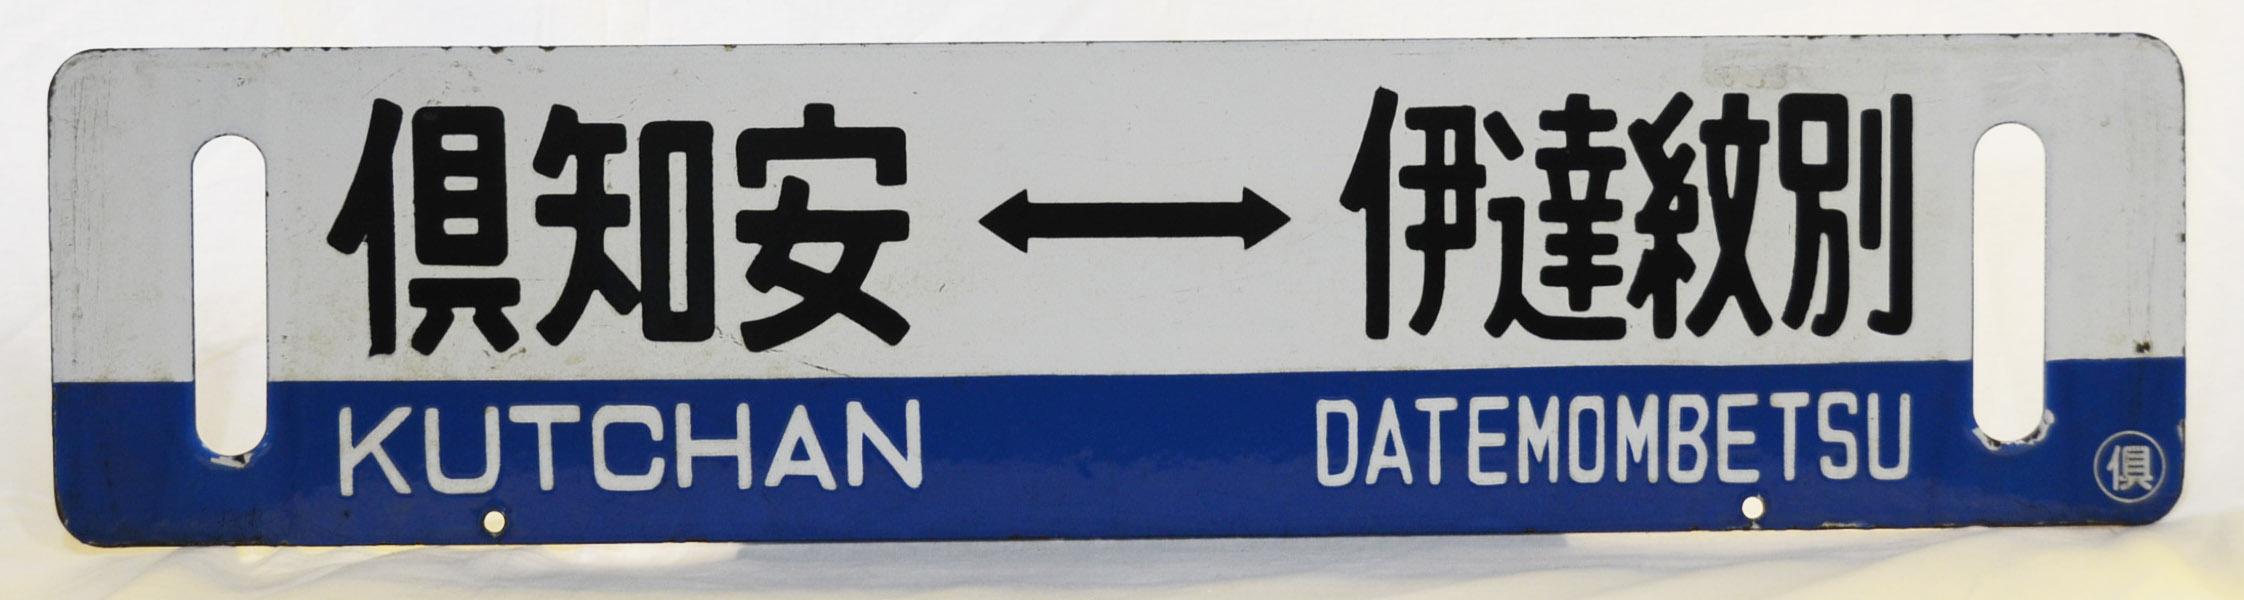 画像1: 行先板「倶知安⇔伊達紋別」